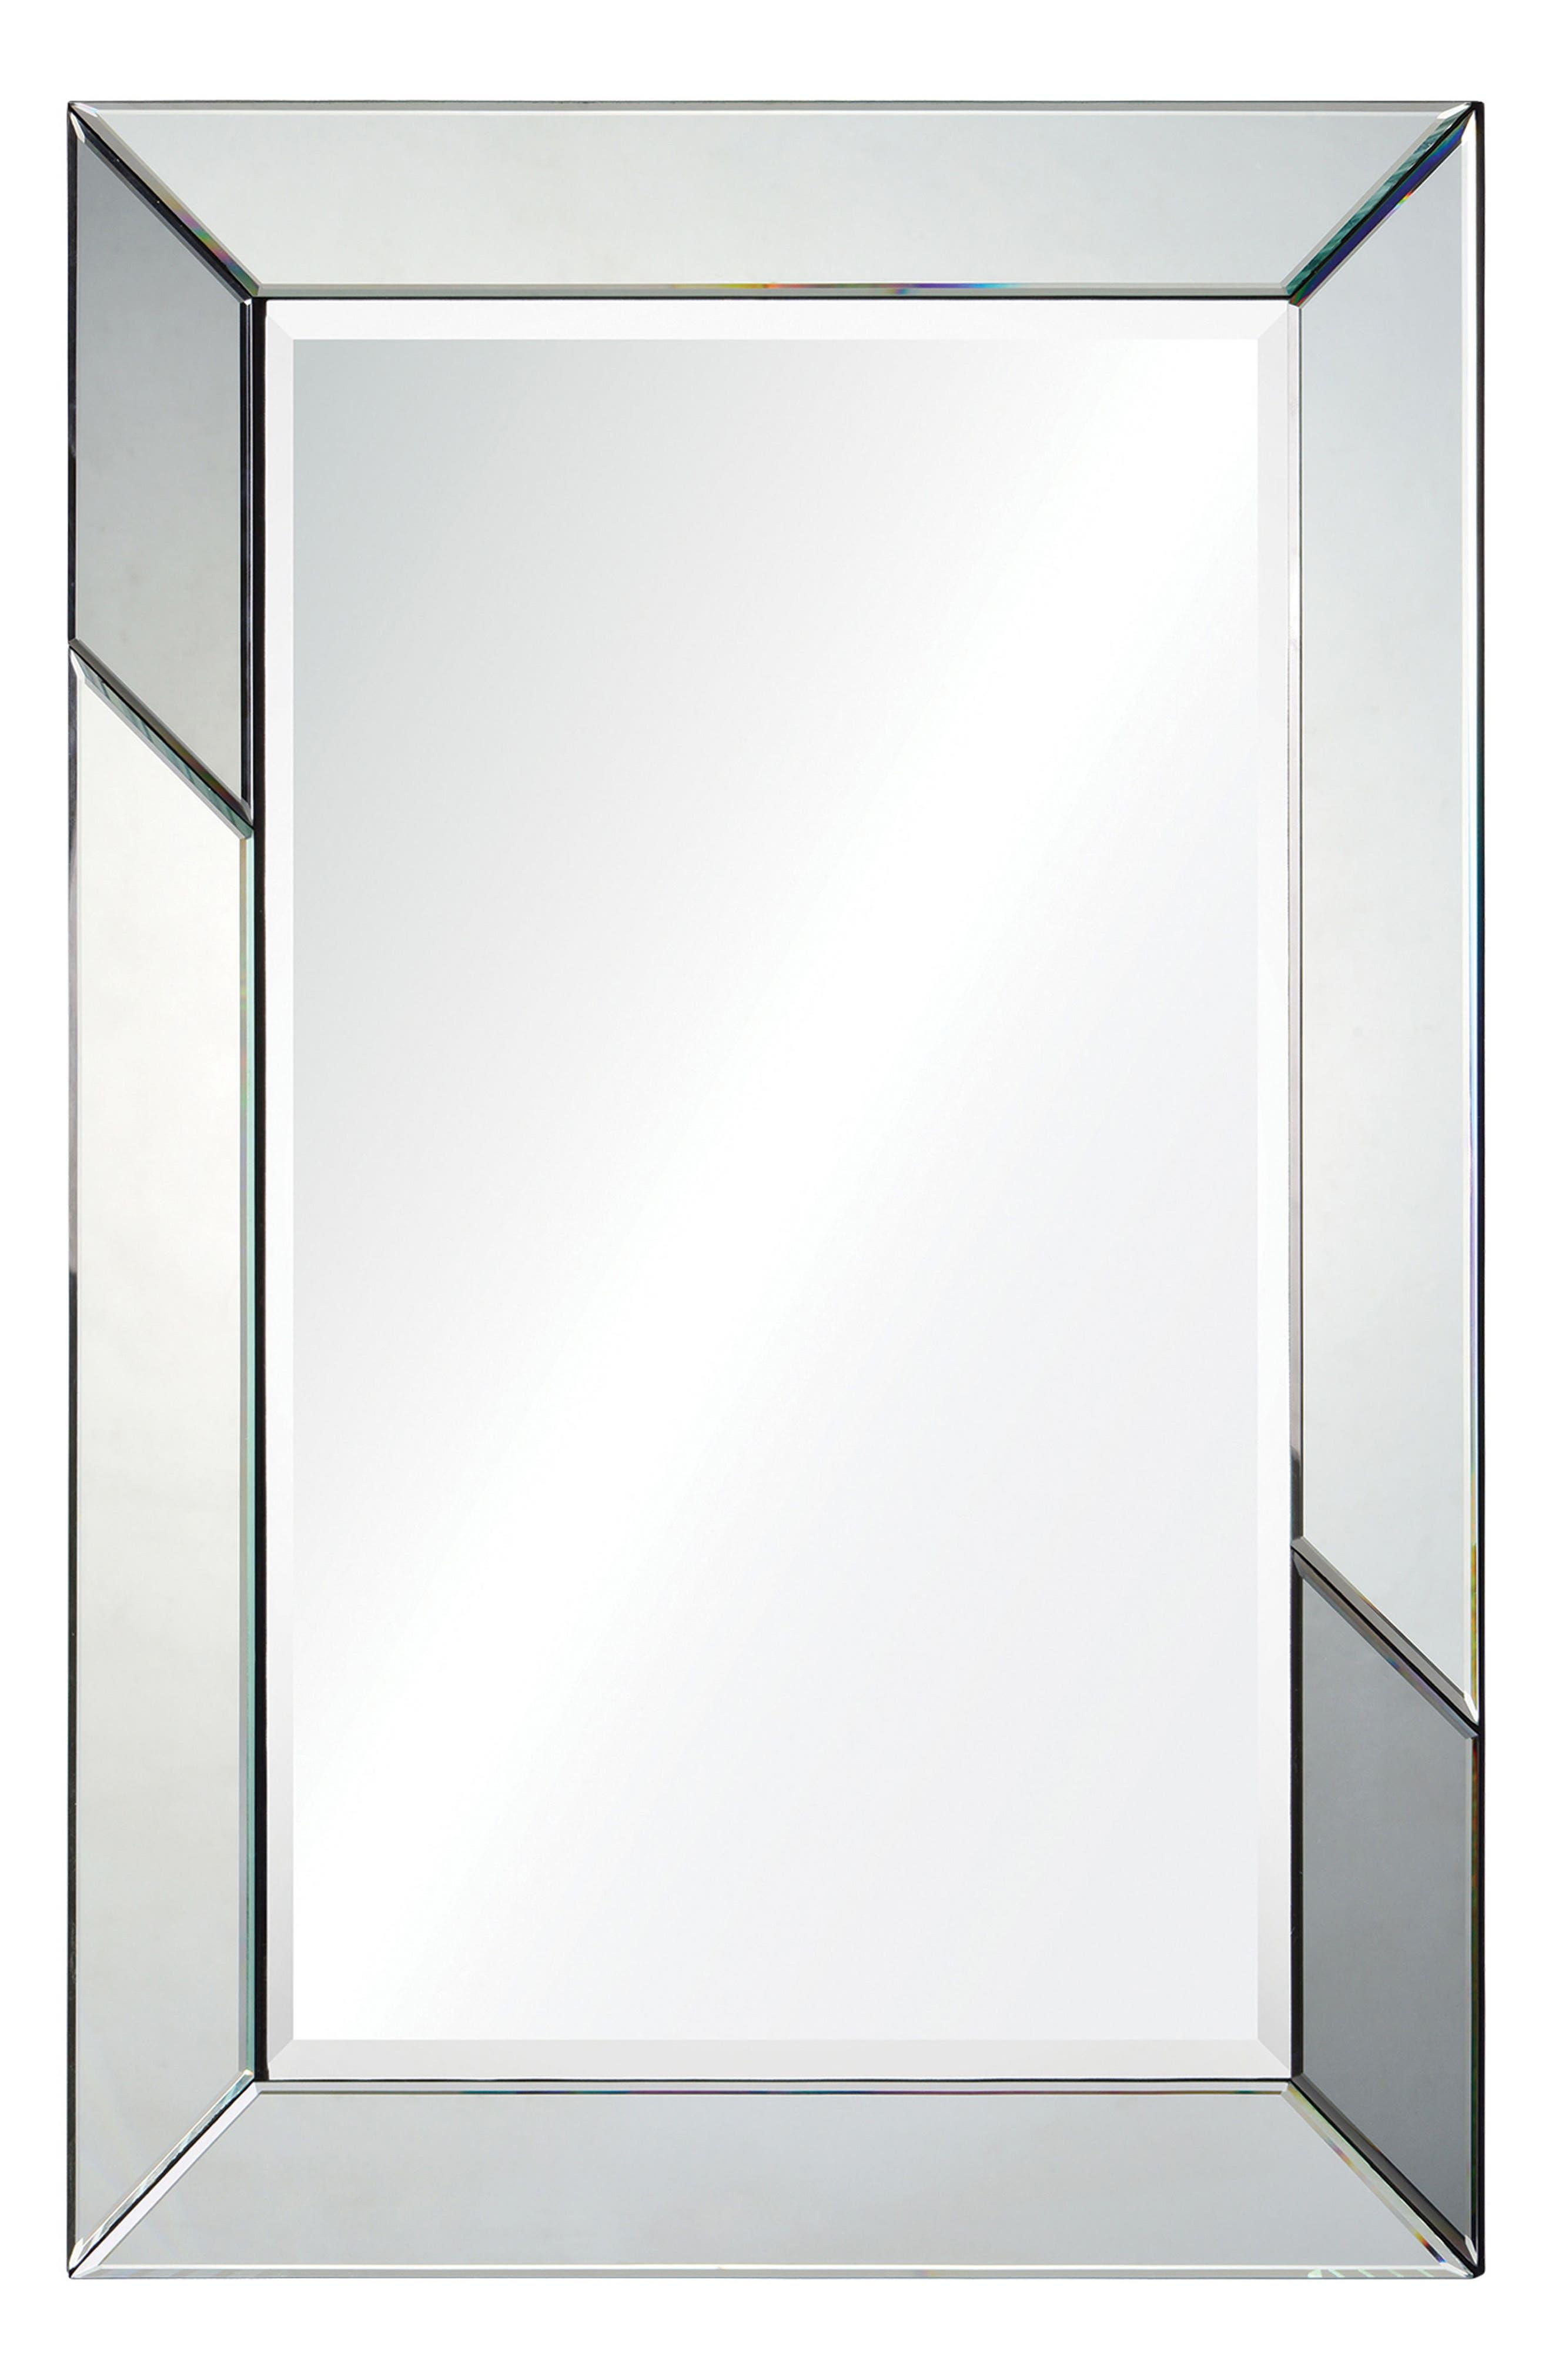 Rumba Mirror,                         Main,                         color, Silver Mirror/ Grey Mirror